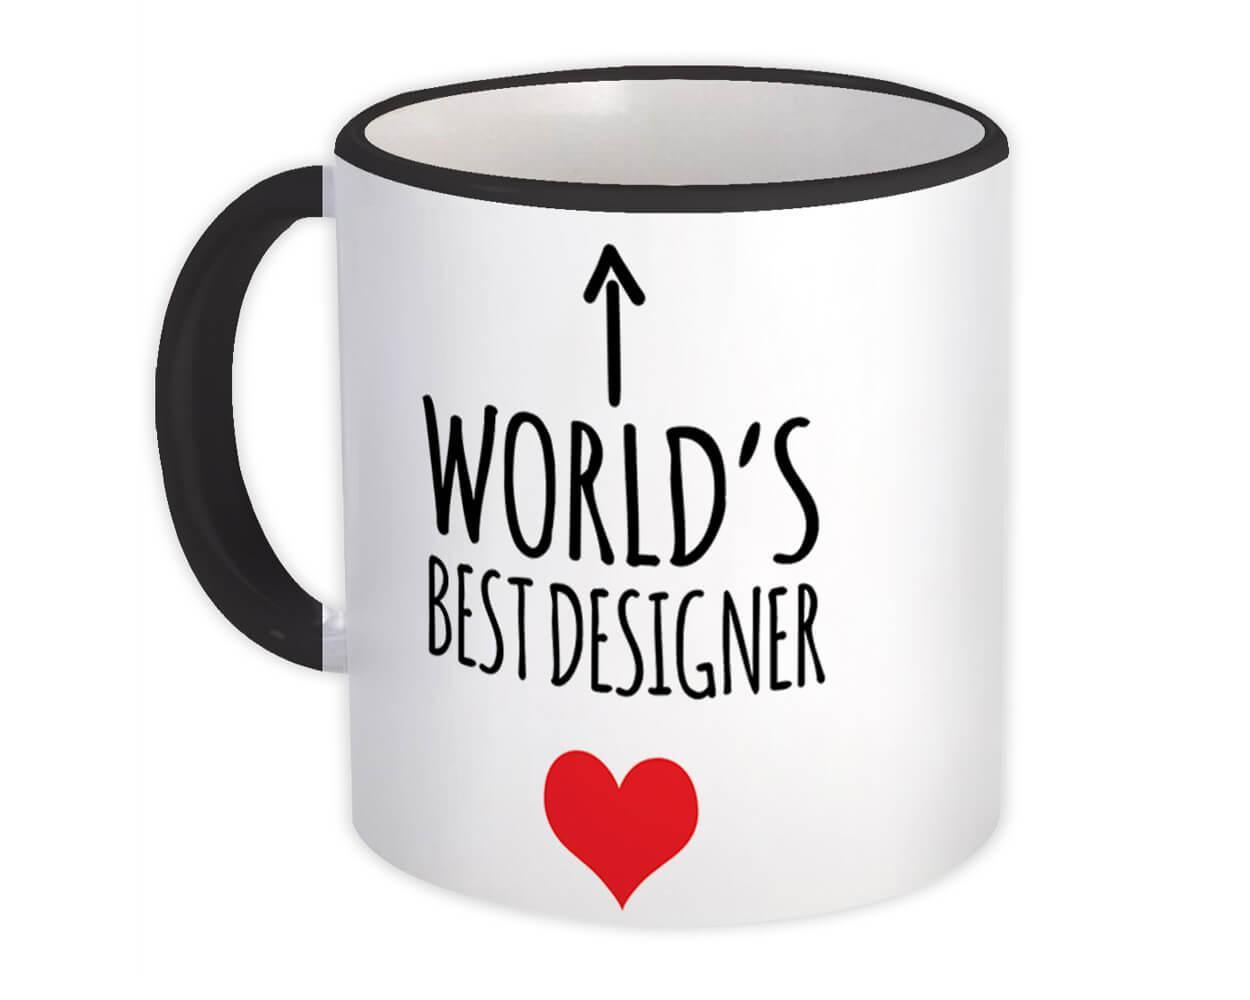 Worlds Best DESIGNER : Gift Mug Heart Love Family Work Christmas Birthday